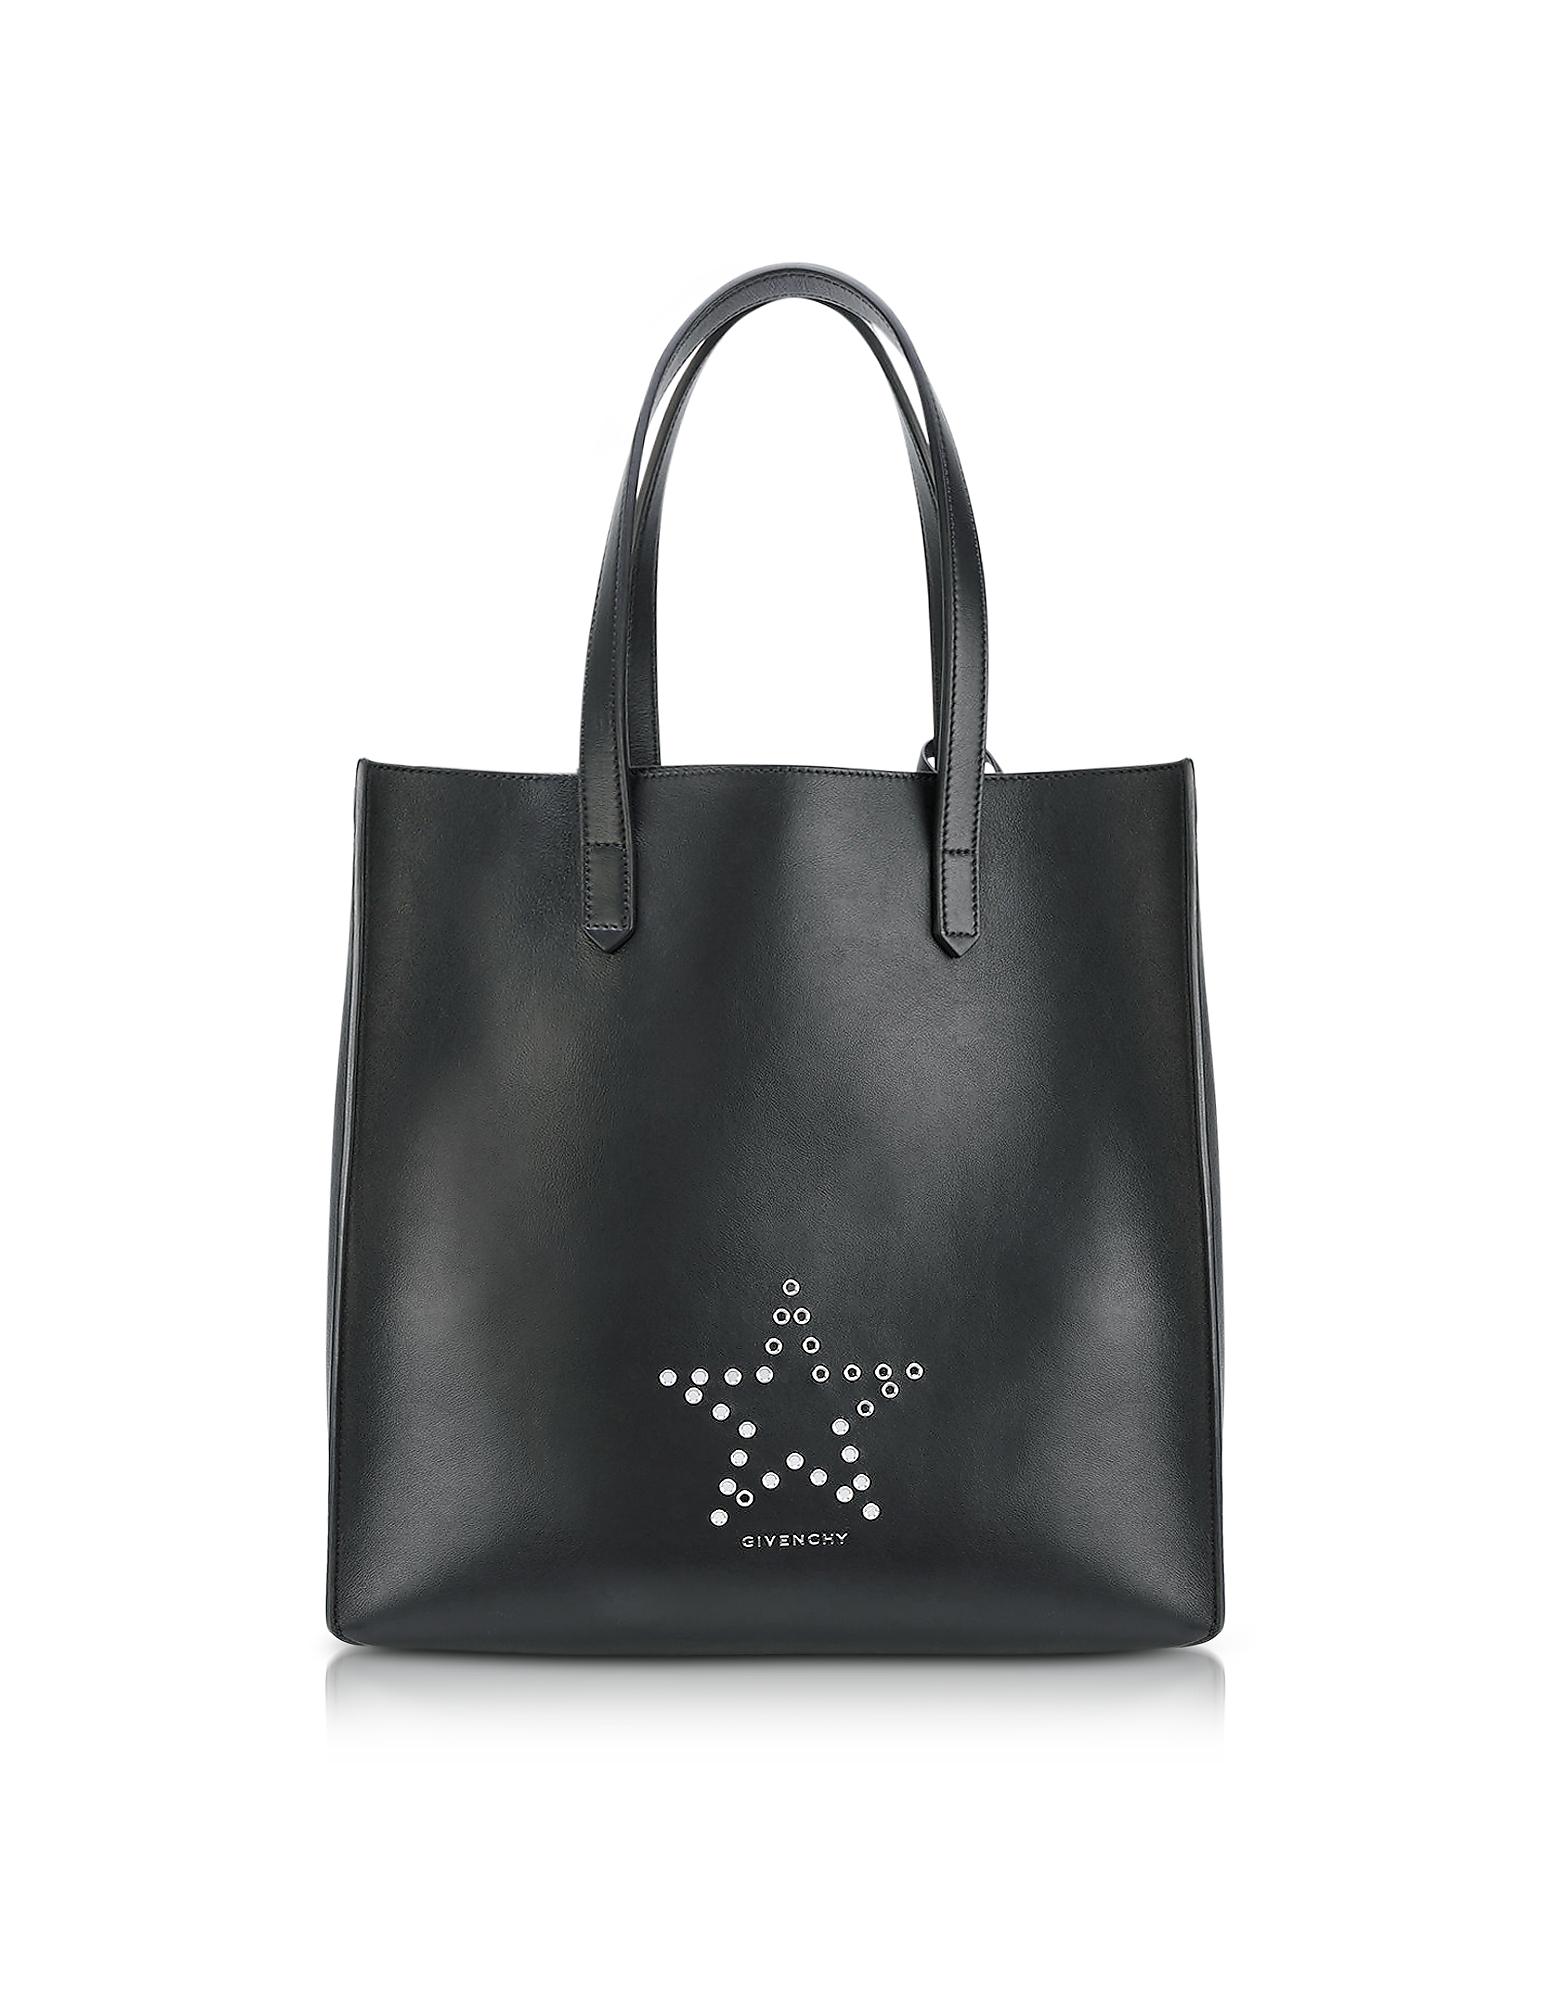 Фото Stargate Medium Black Leather Tote Bag. Купить с доставкой